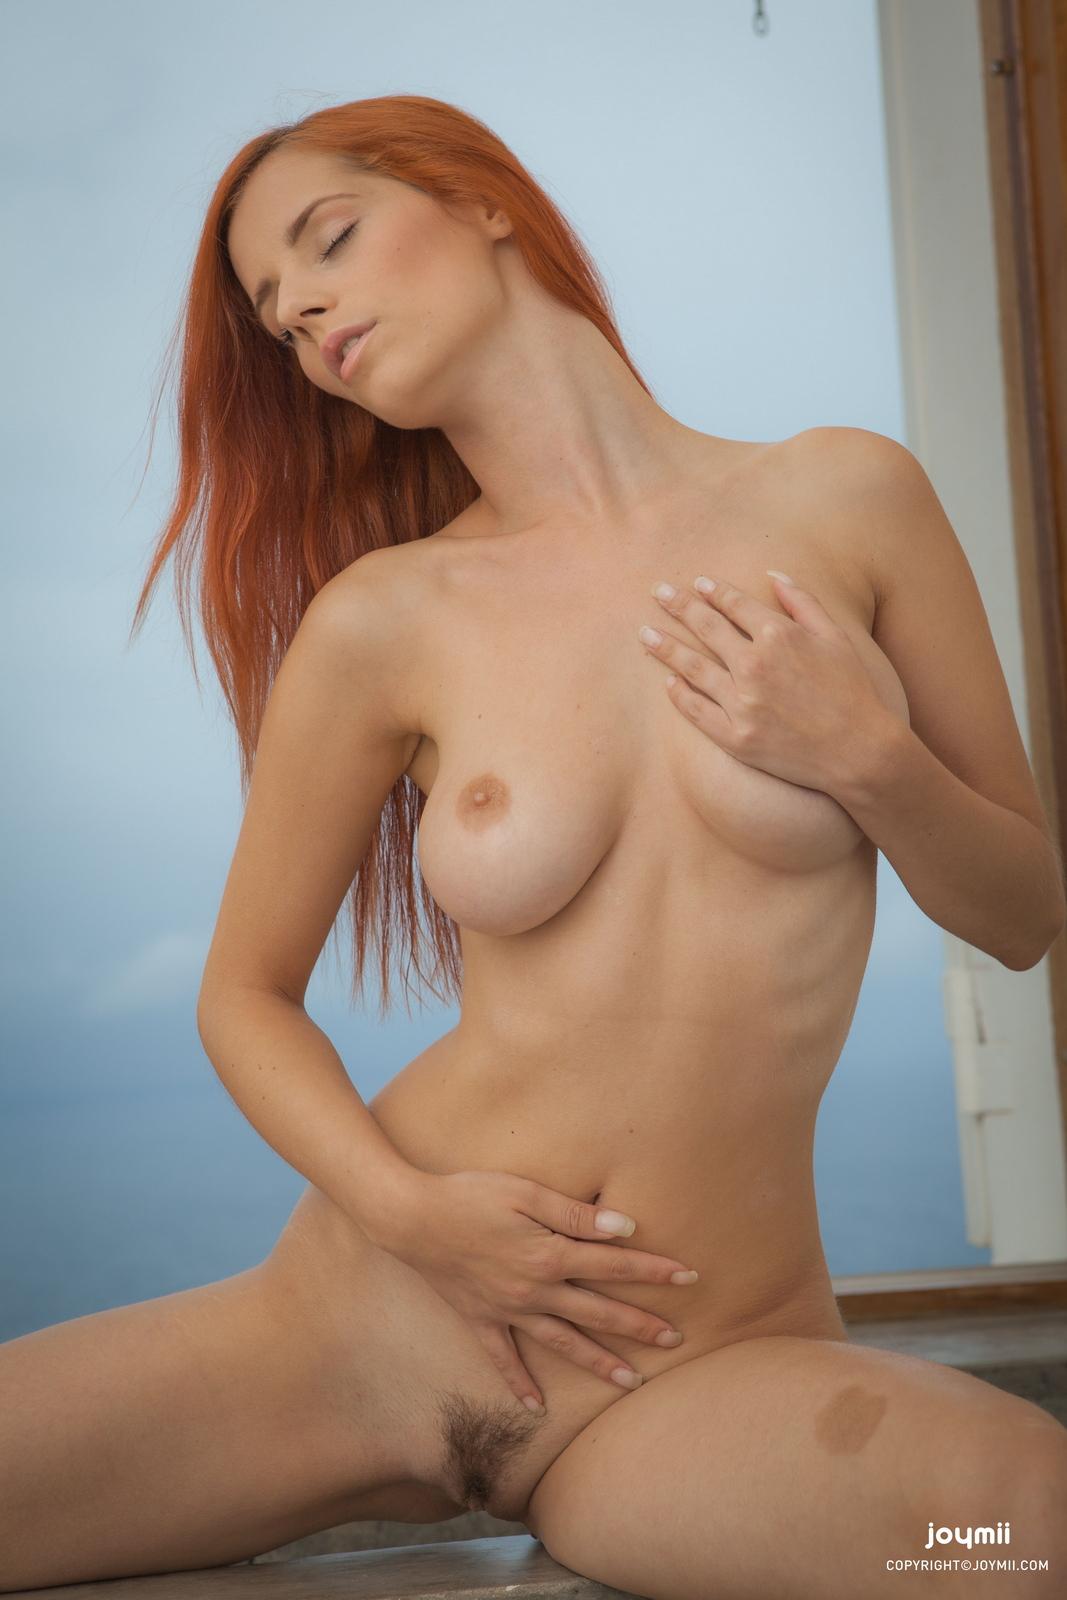 ariel-redhead-bathroom-naked-boobs-joymii-06